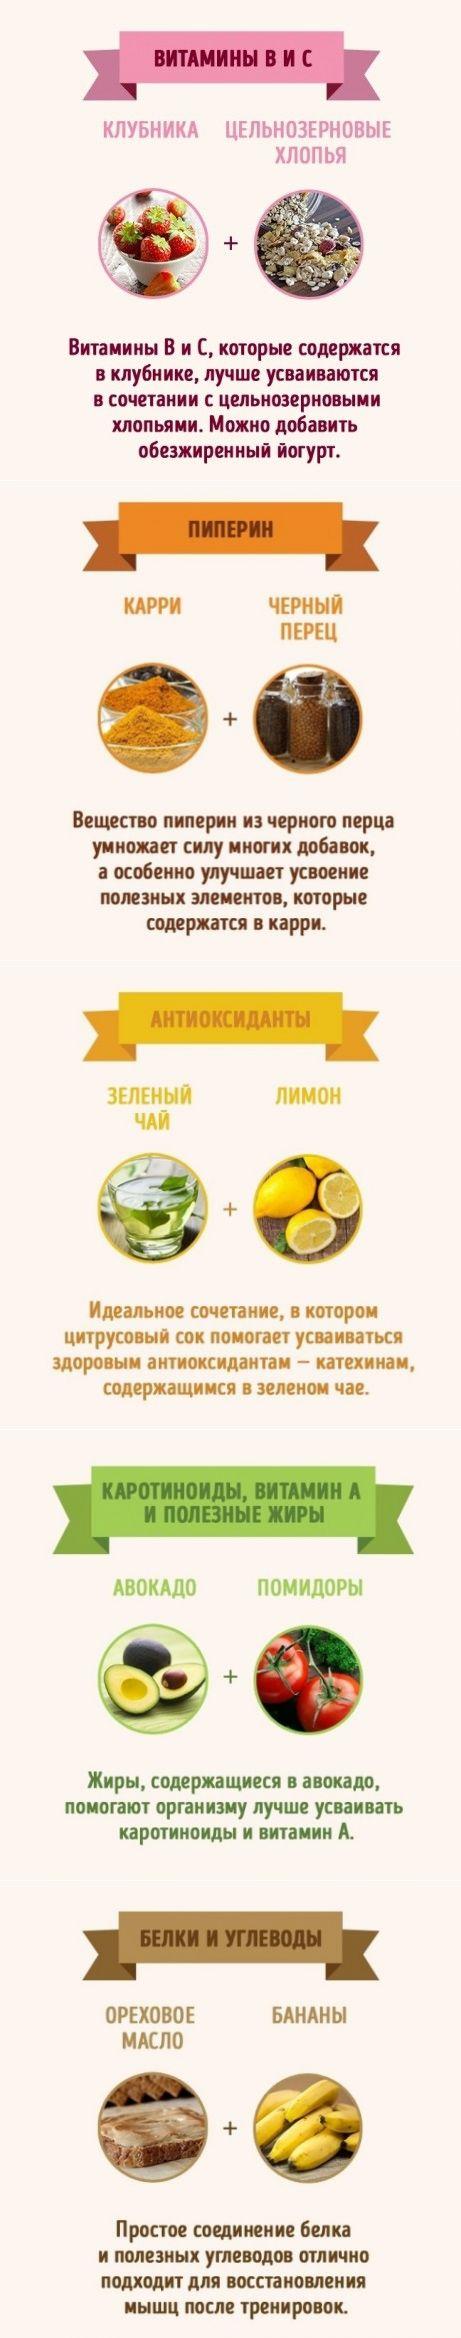 Умножение витаминов: самые полезные сочетания продуктов — Полезные советы 2